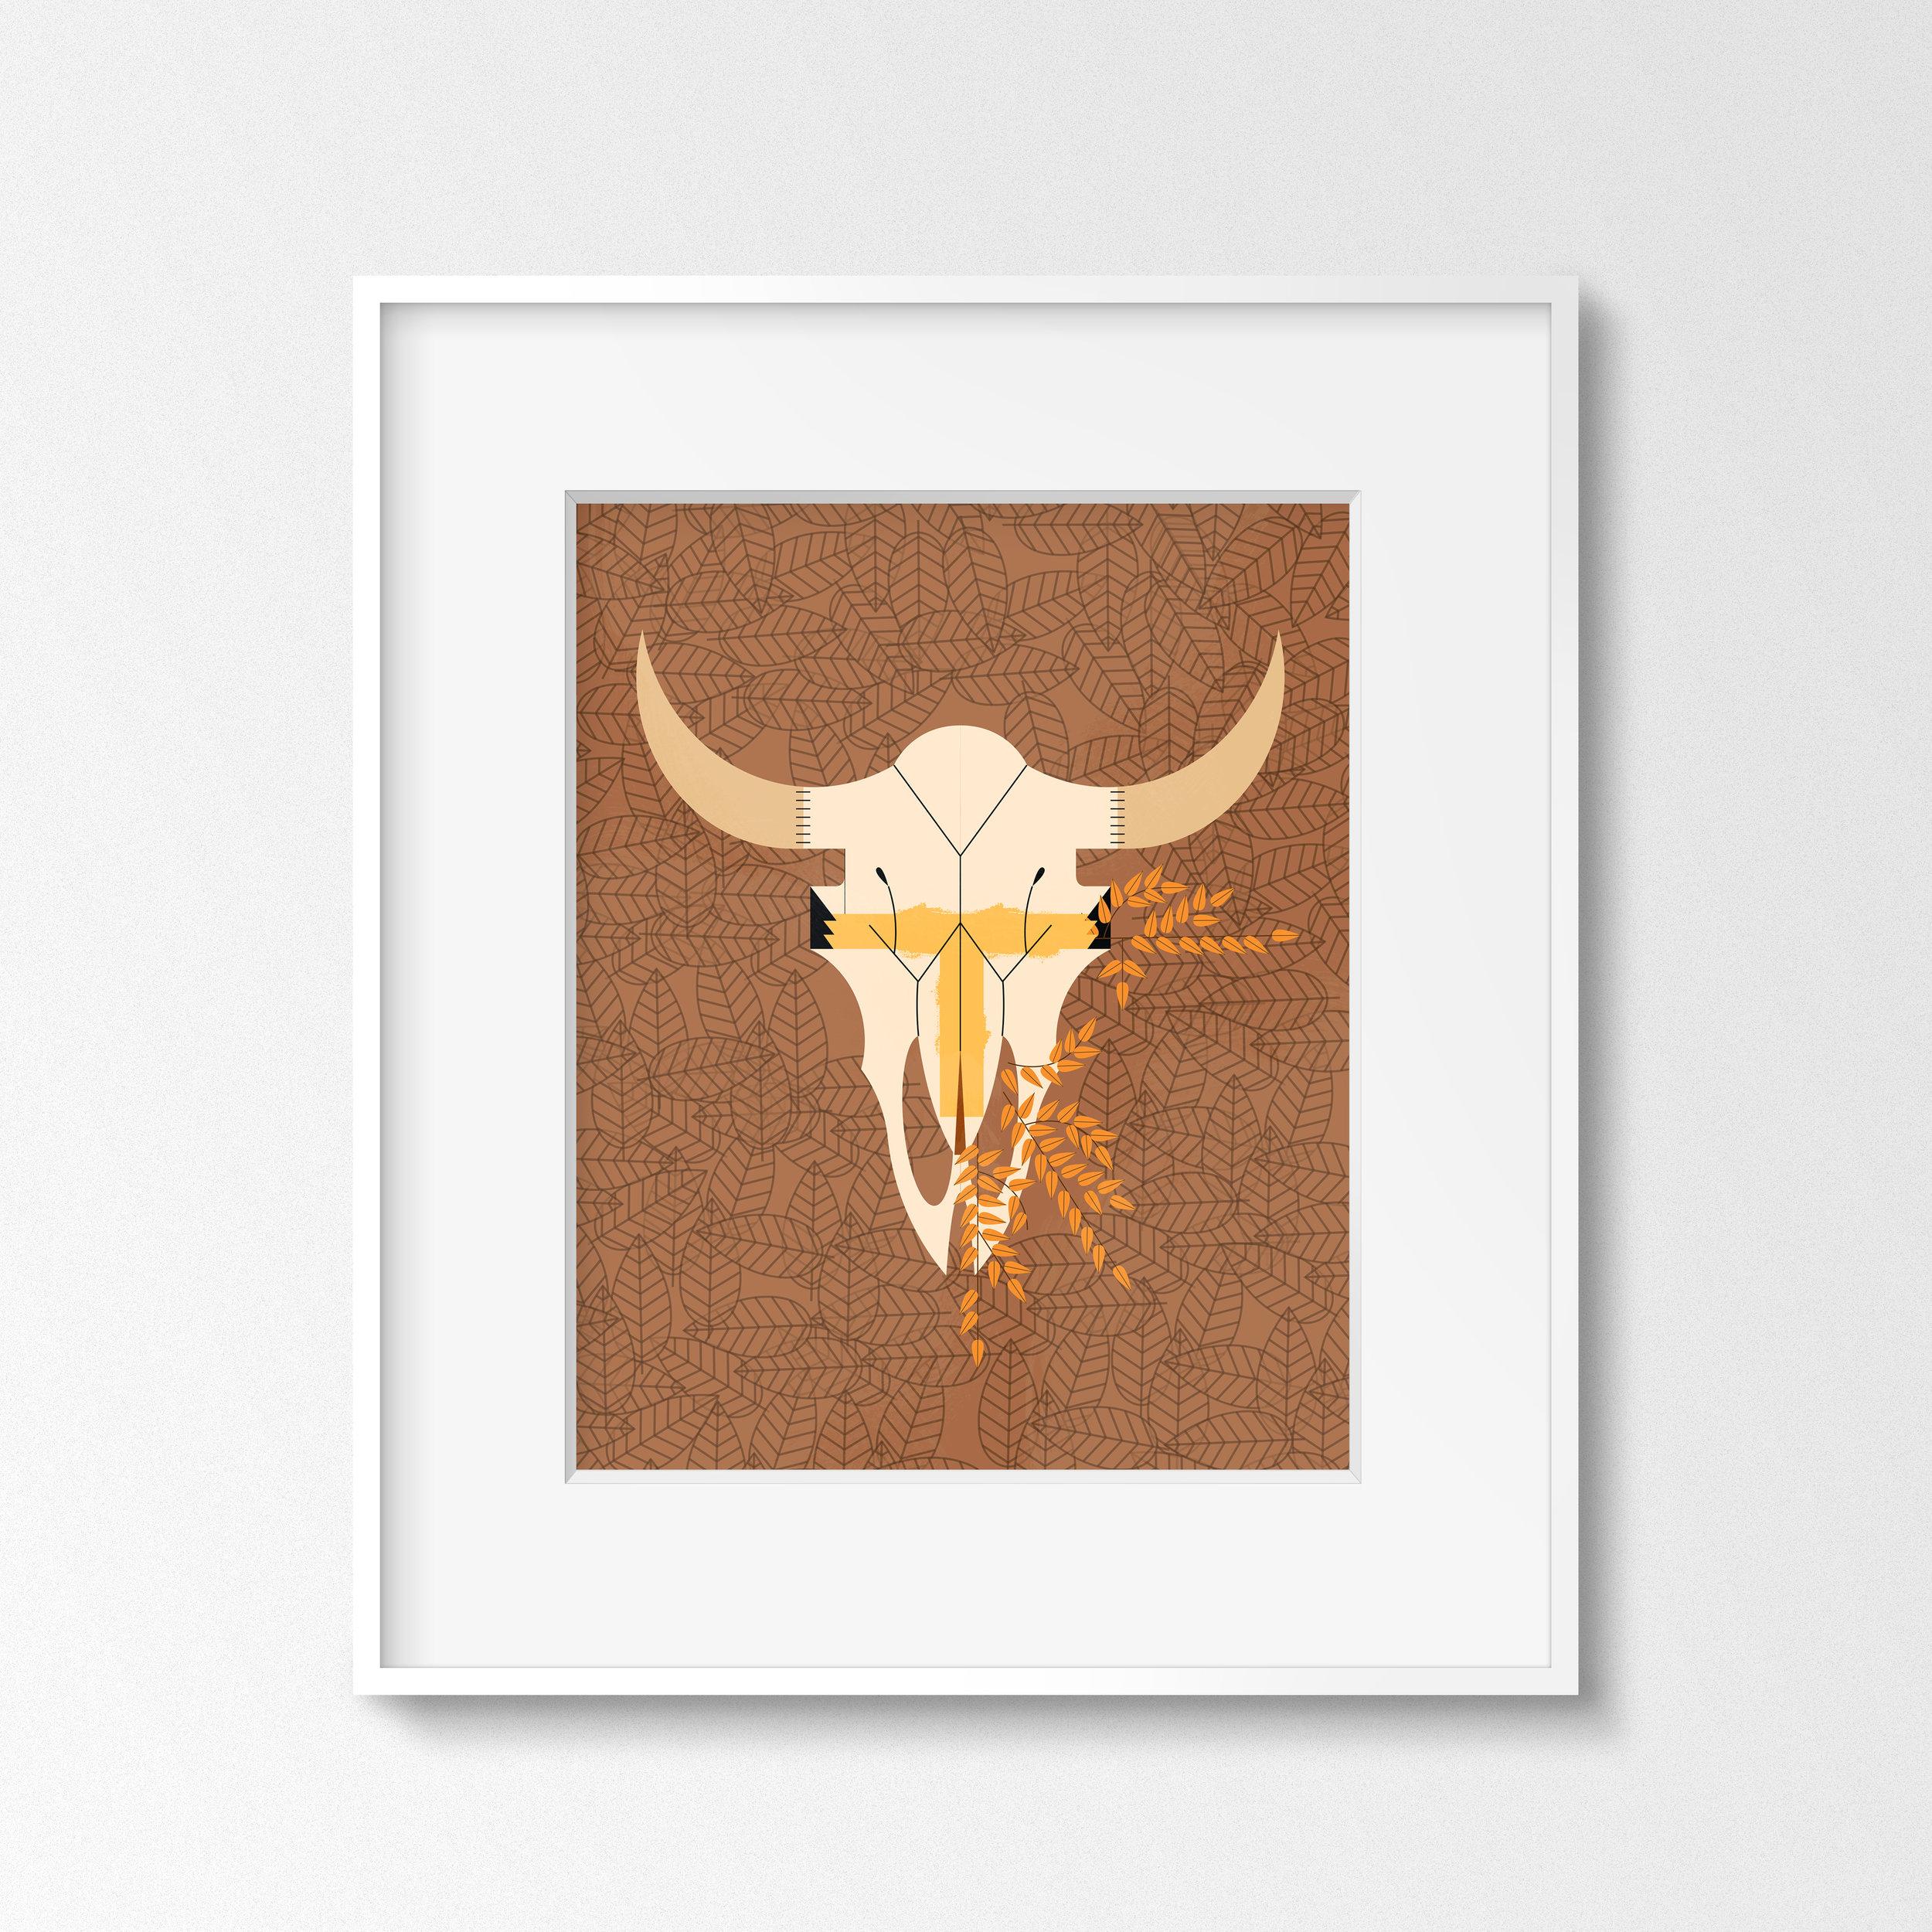 Bison Skull (Thin White Frame).jpg